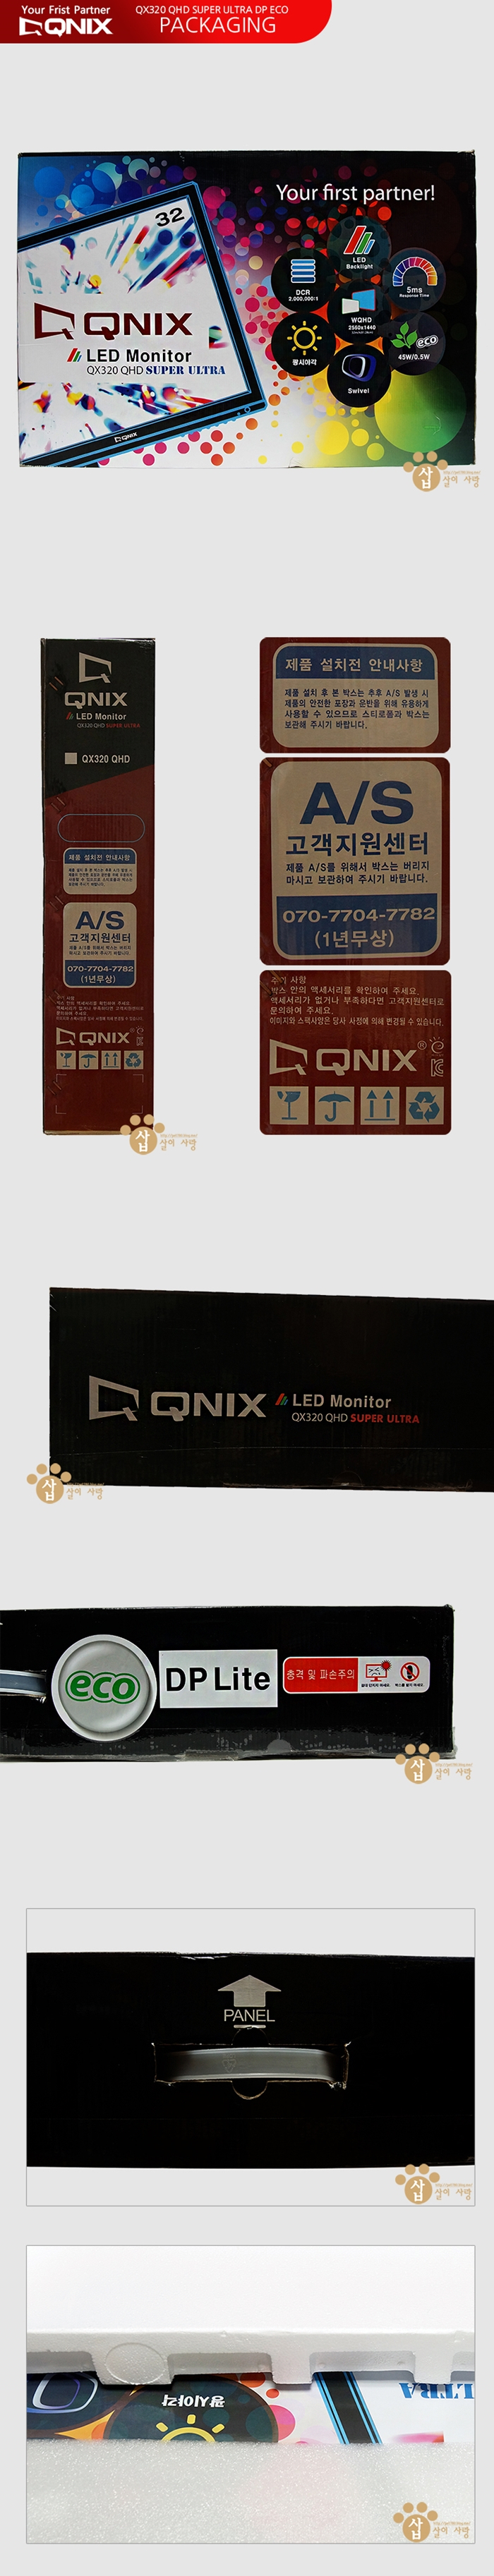 32인치 모니터 추천 패키지 경성GK QX320QHD 슈퍼 울트라 DP ECO.jpg